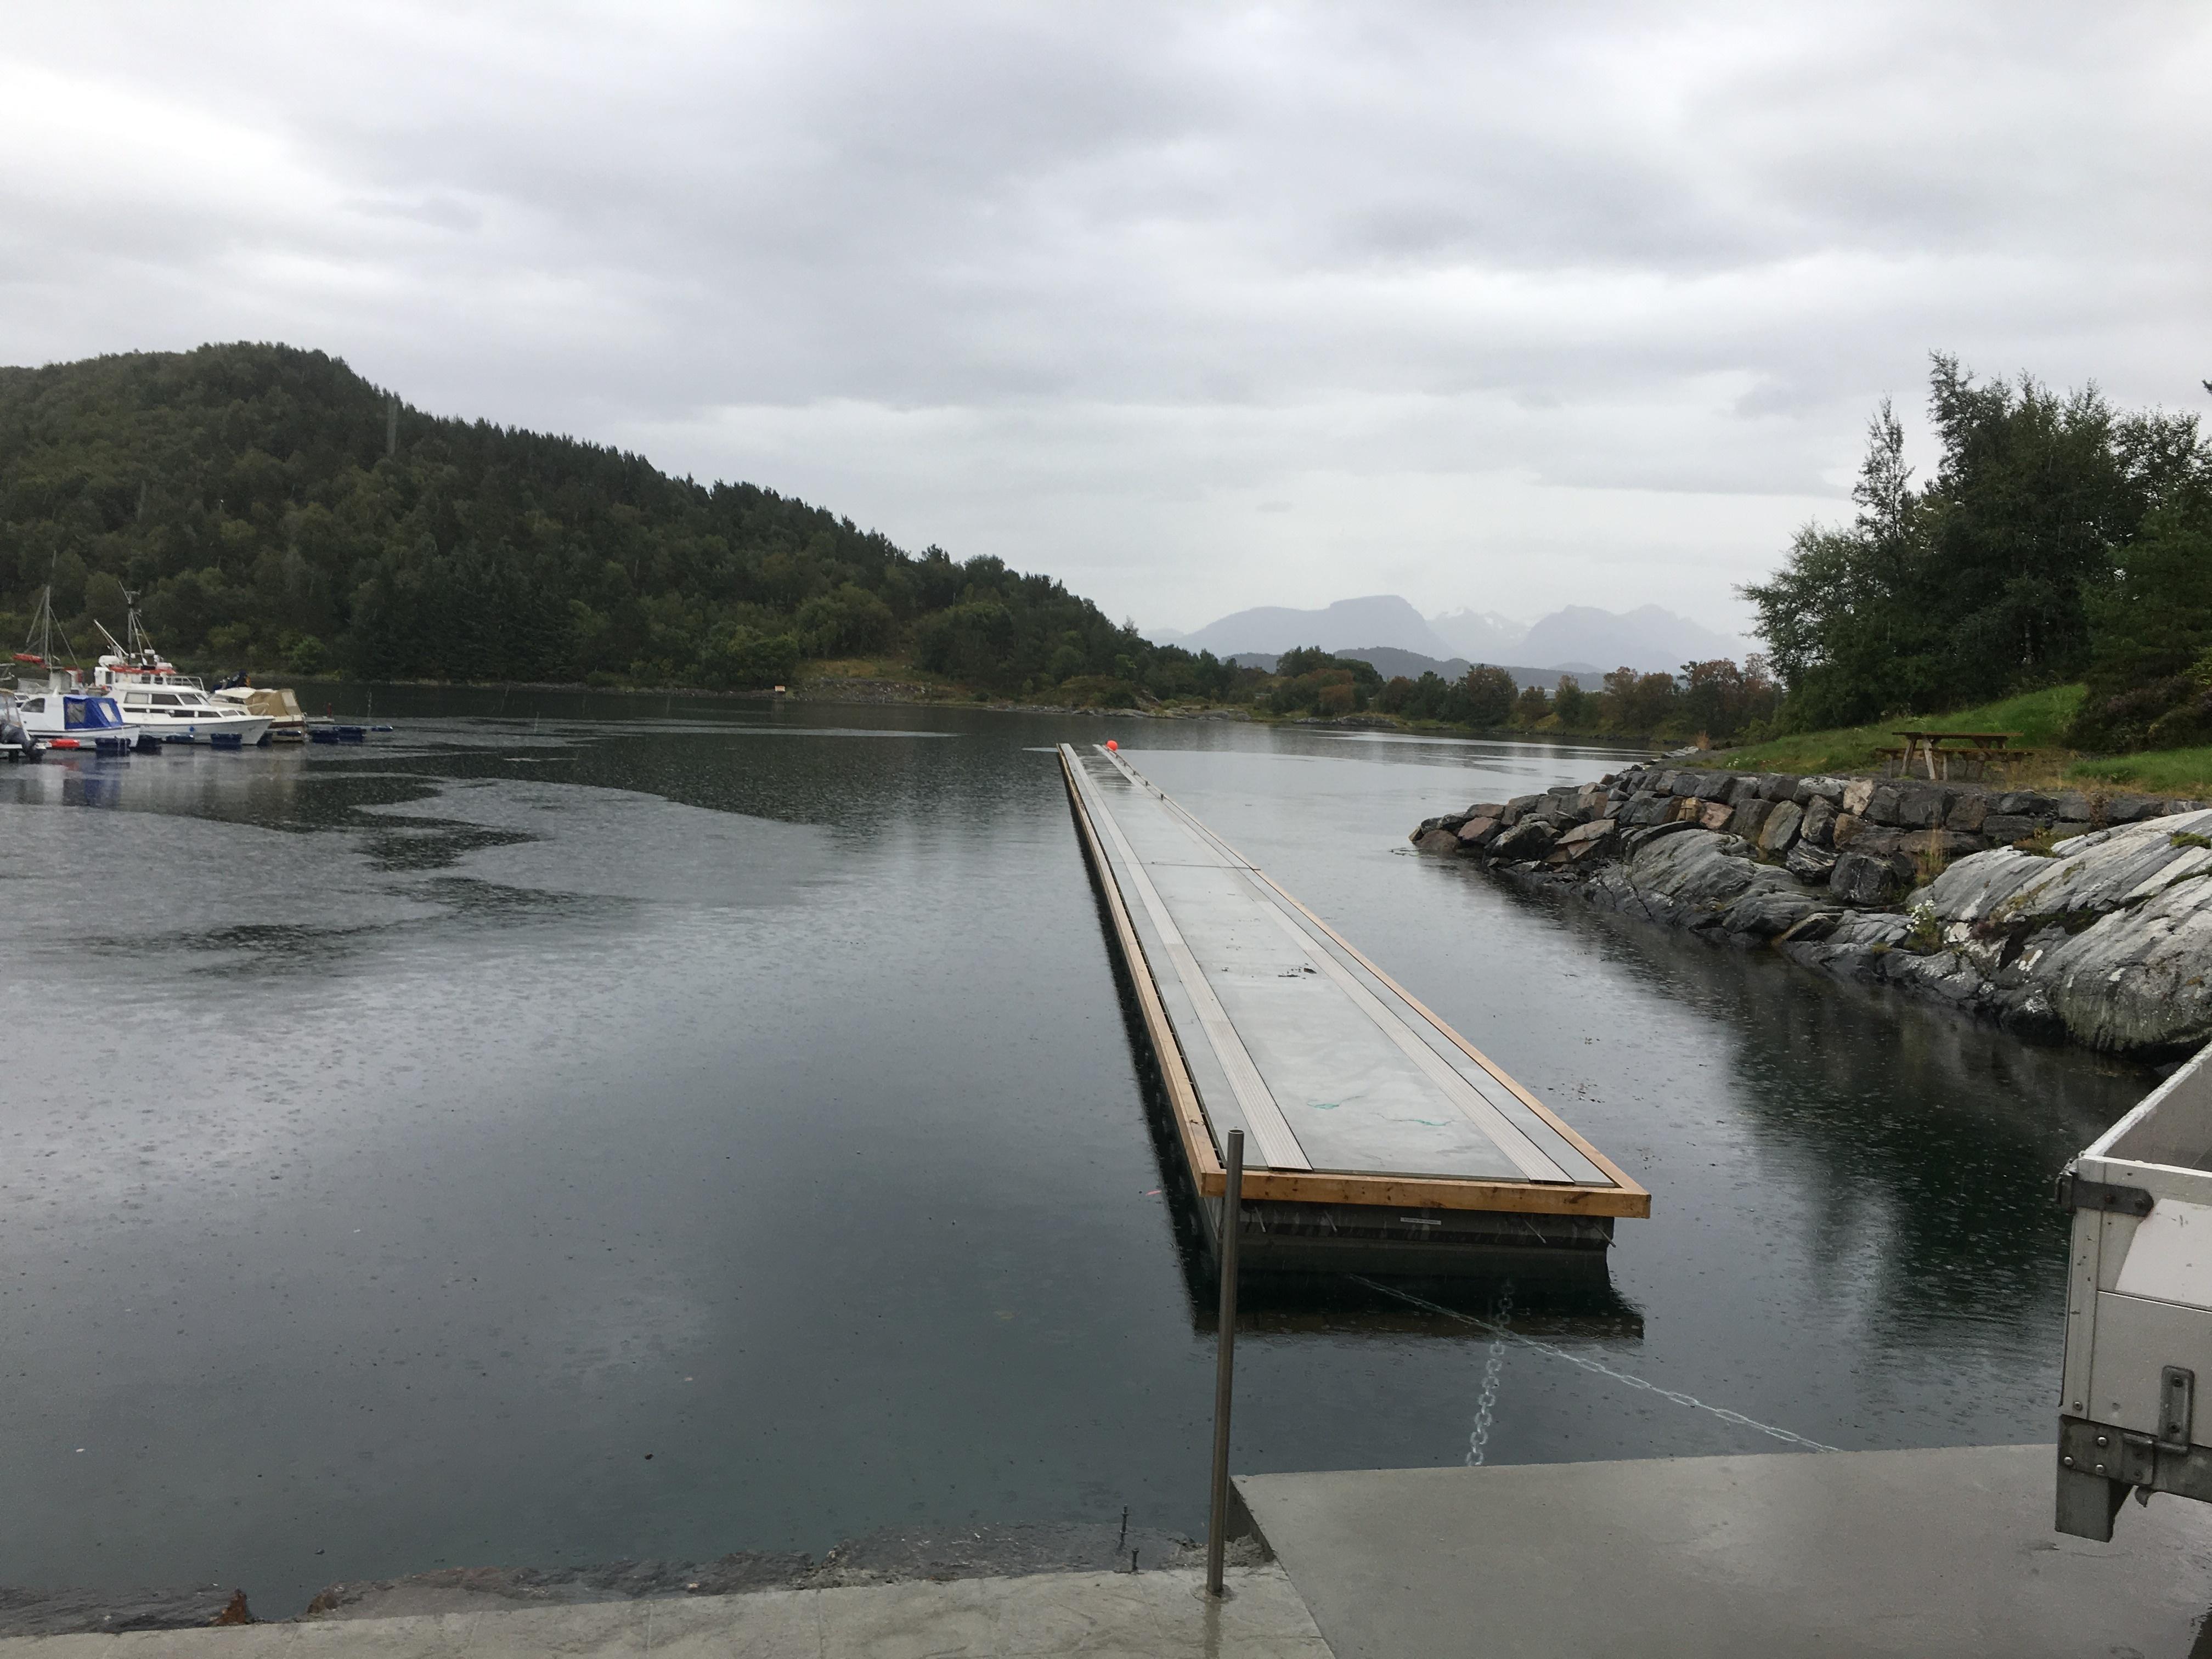 https://marinasolutions.no/uploads/Hovlia-Marina-Ellingsøy4.JPG